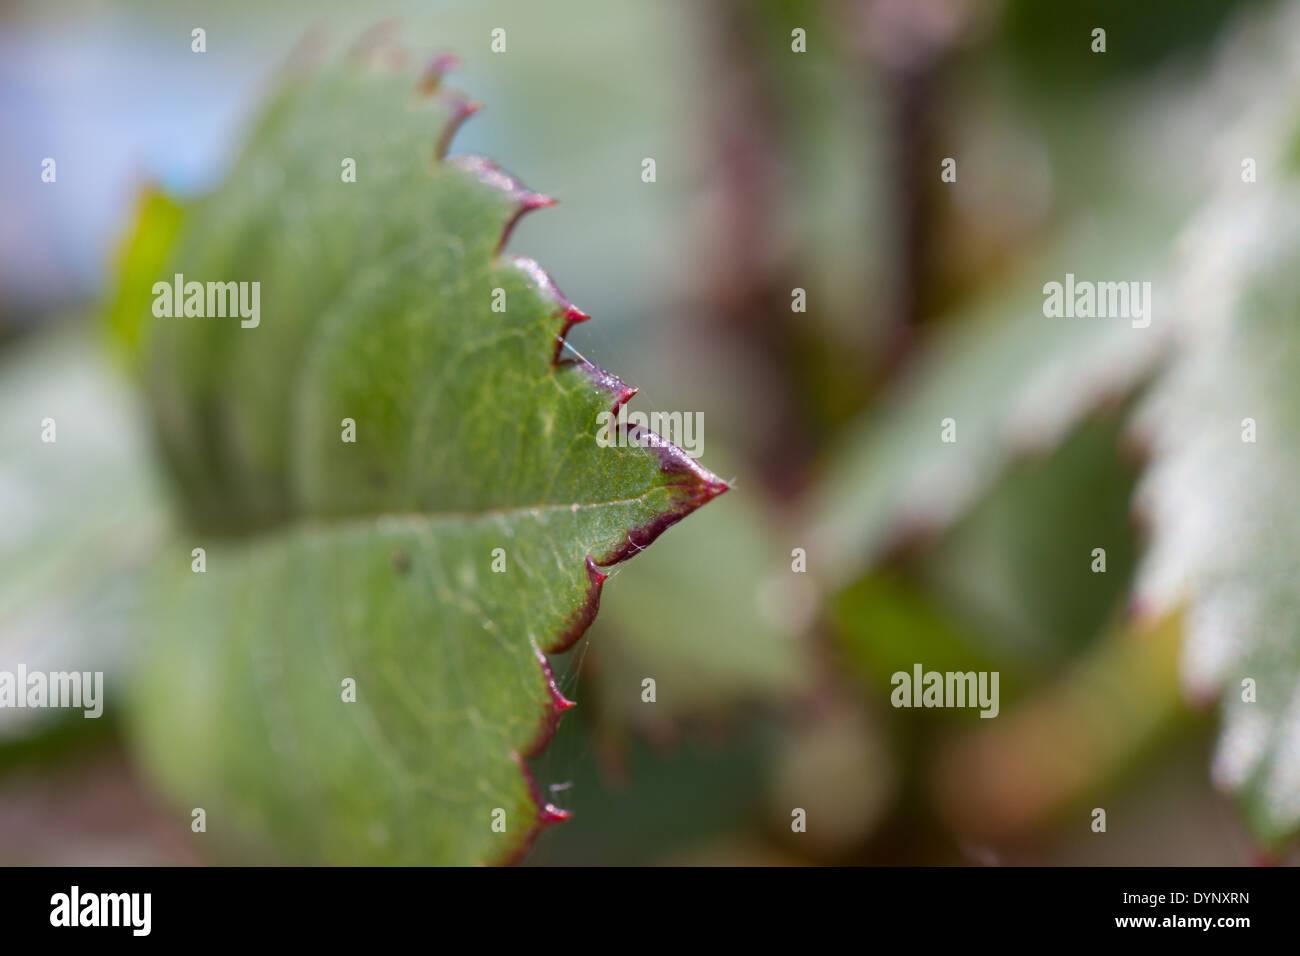 Vue de côté vert dentelé et red rose leaf Photo Stock